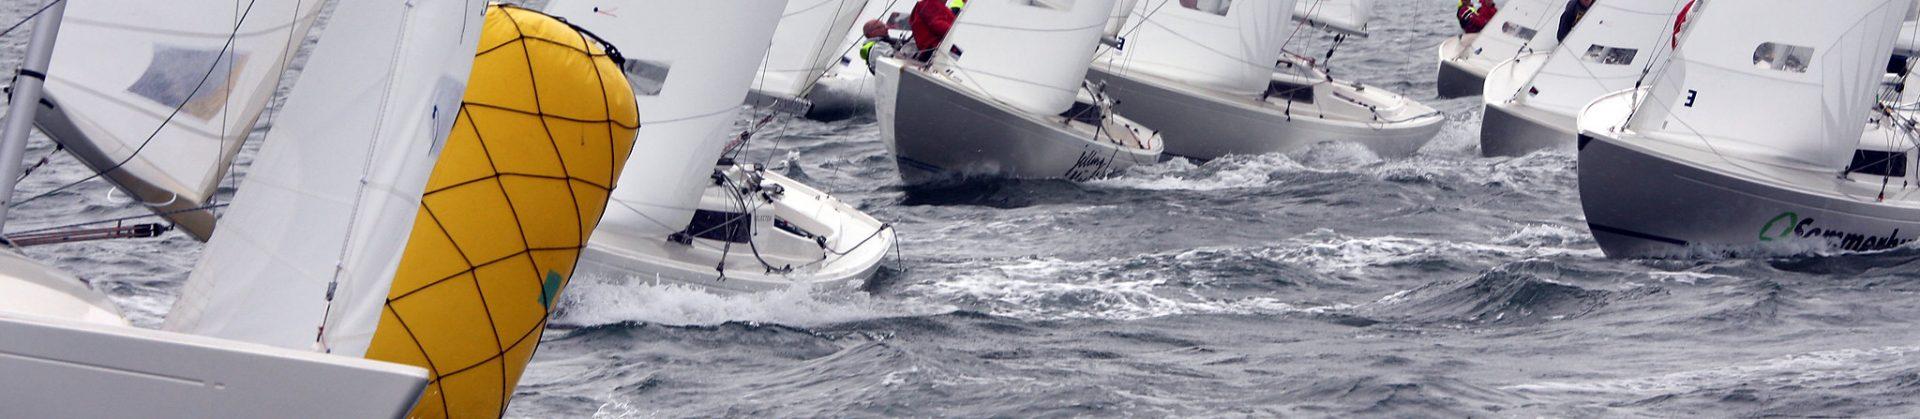 Brejninge Bådklub, H-båds ligastævne